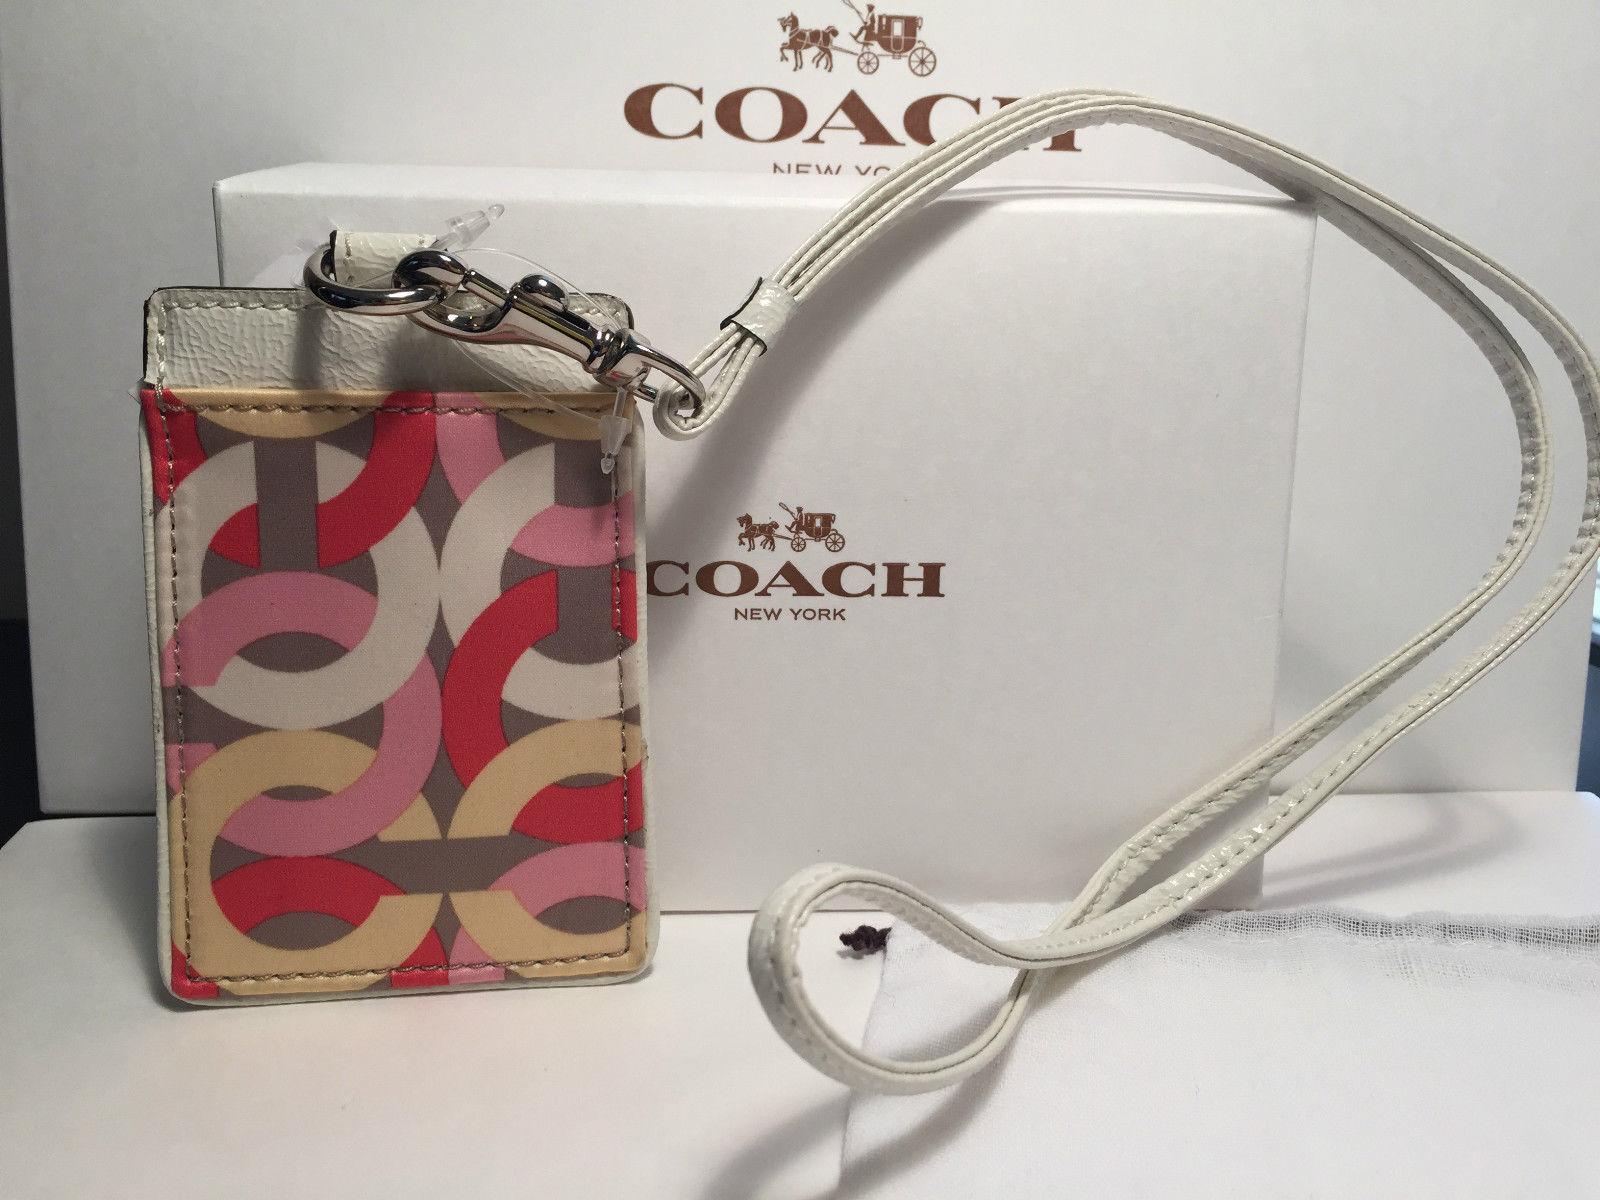 как выглядит Держатель для удостоверения или бейджа Coach Print ID Lanyards case holder Signature NWT 100% Authentic Coach фото